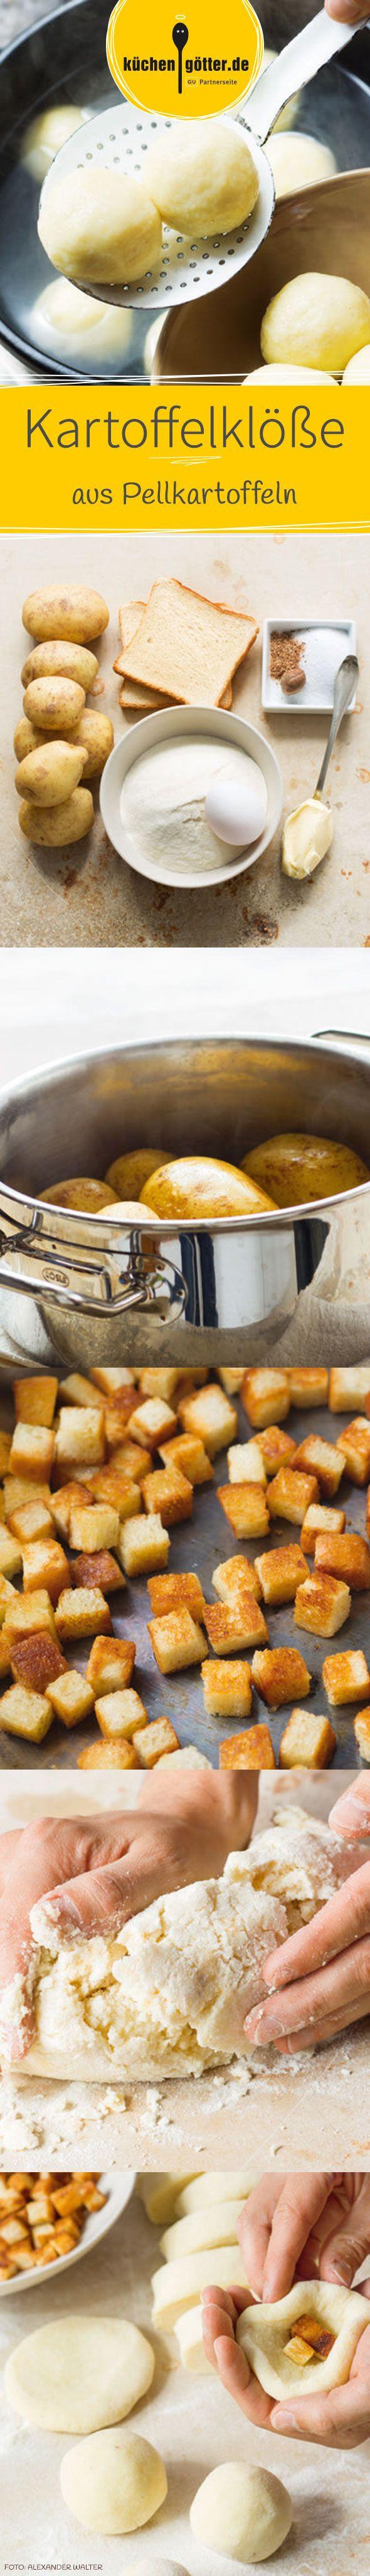 Selbstgemachte Kartoffelknödel sind eigentlich ganz einfach zu machen. In unserem Rezept zeigen wir euch Schritt für Schritt wie es geht.